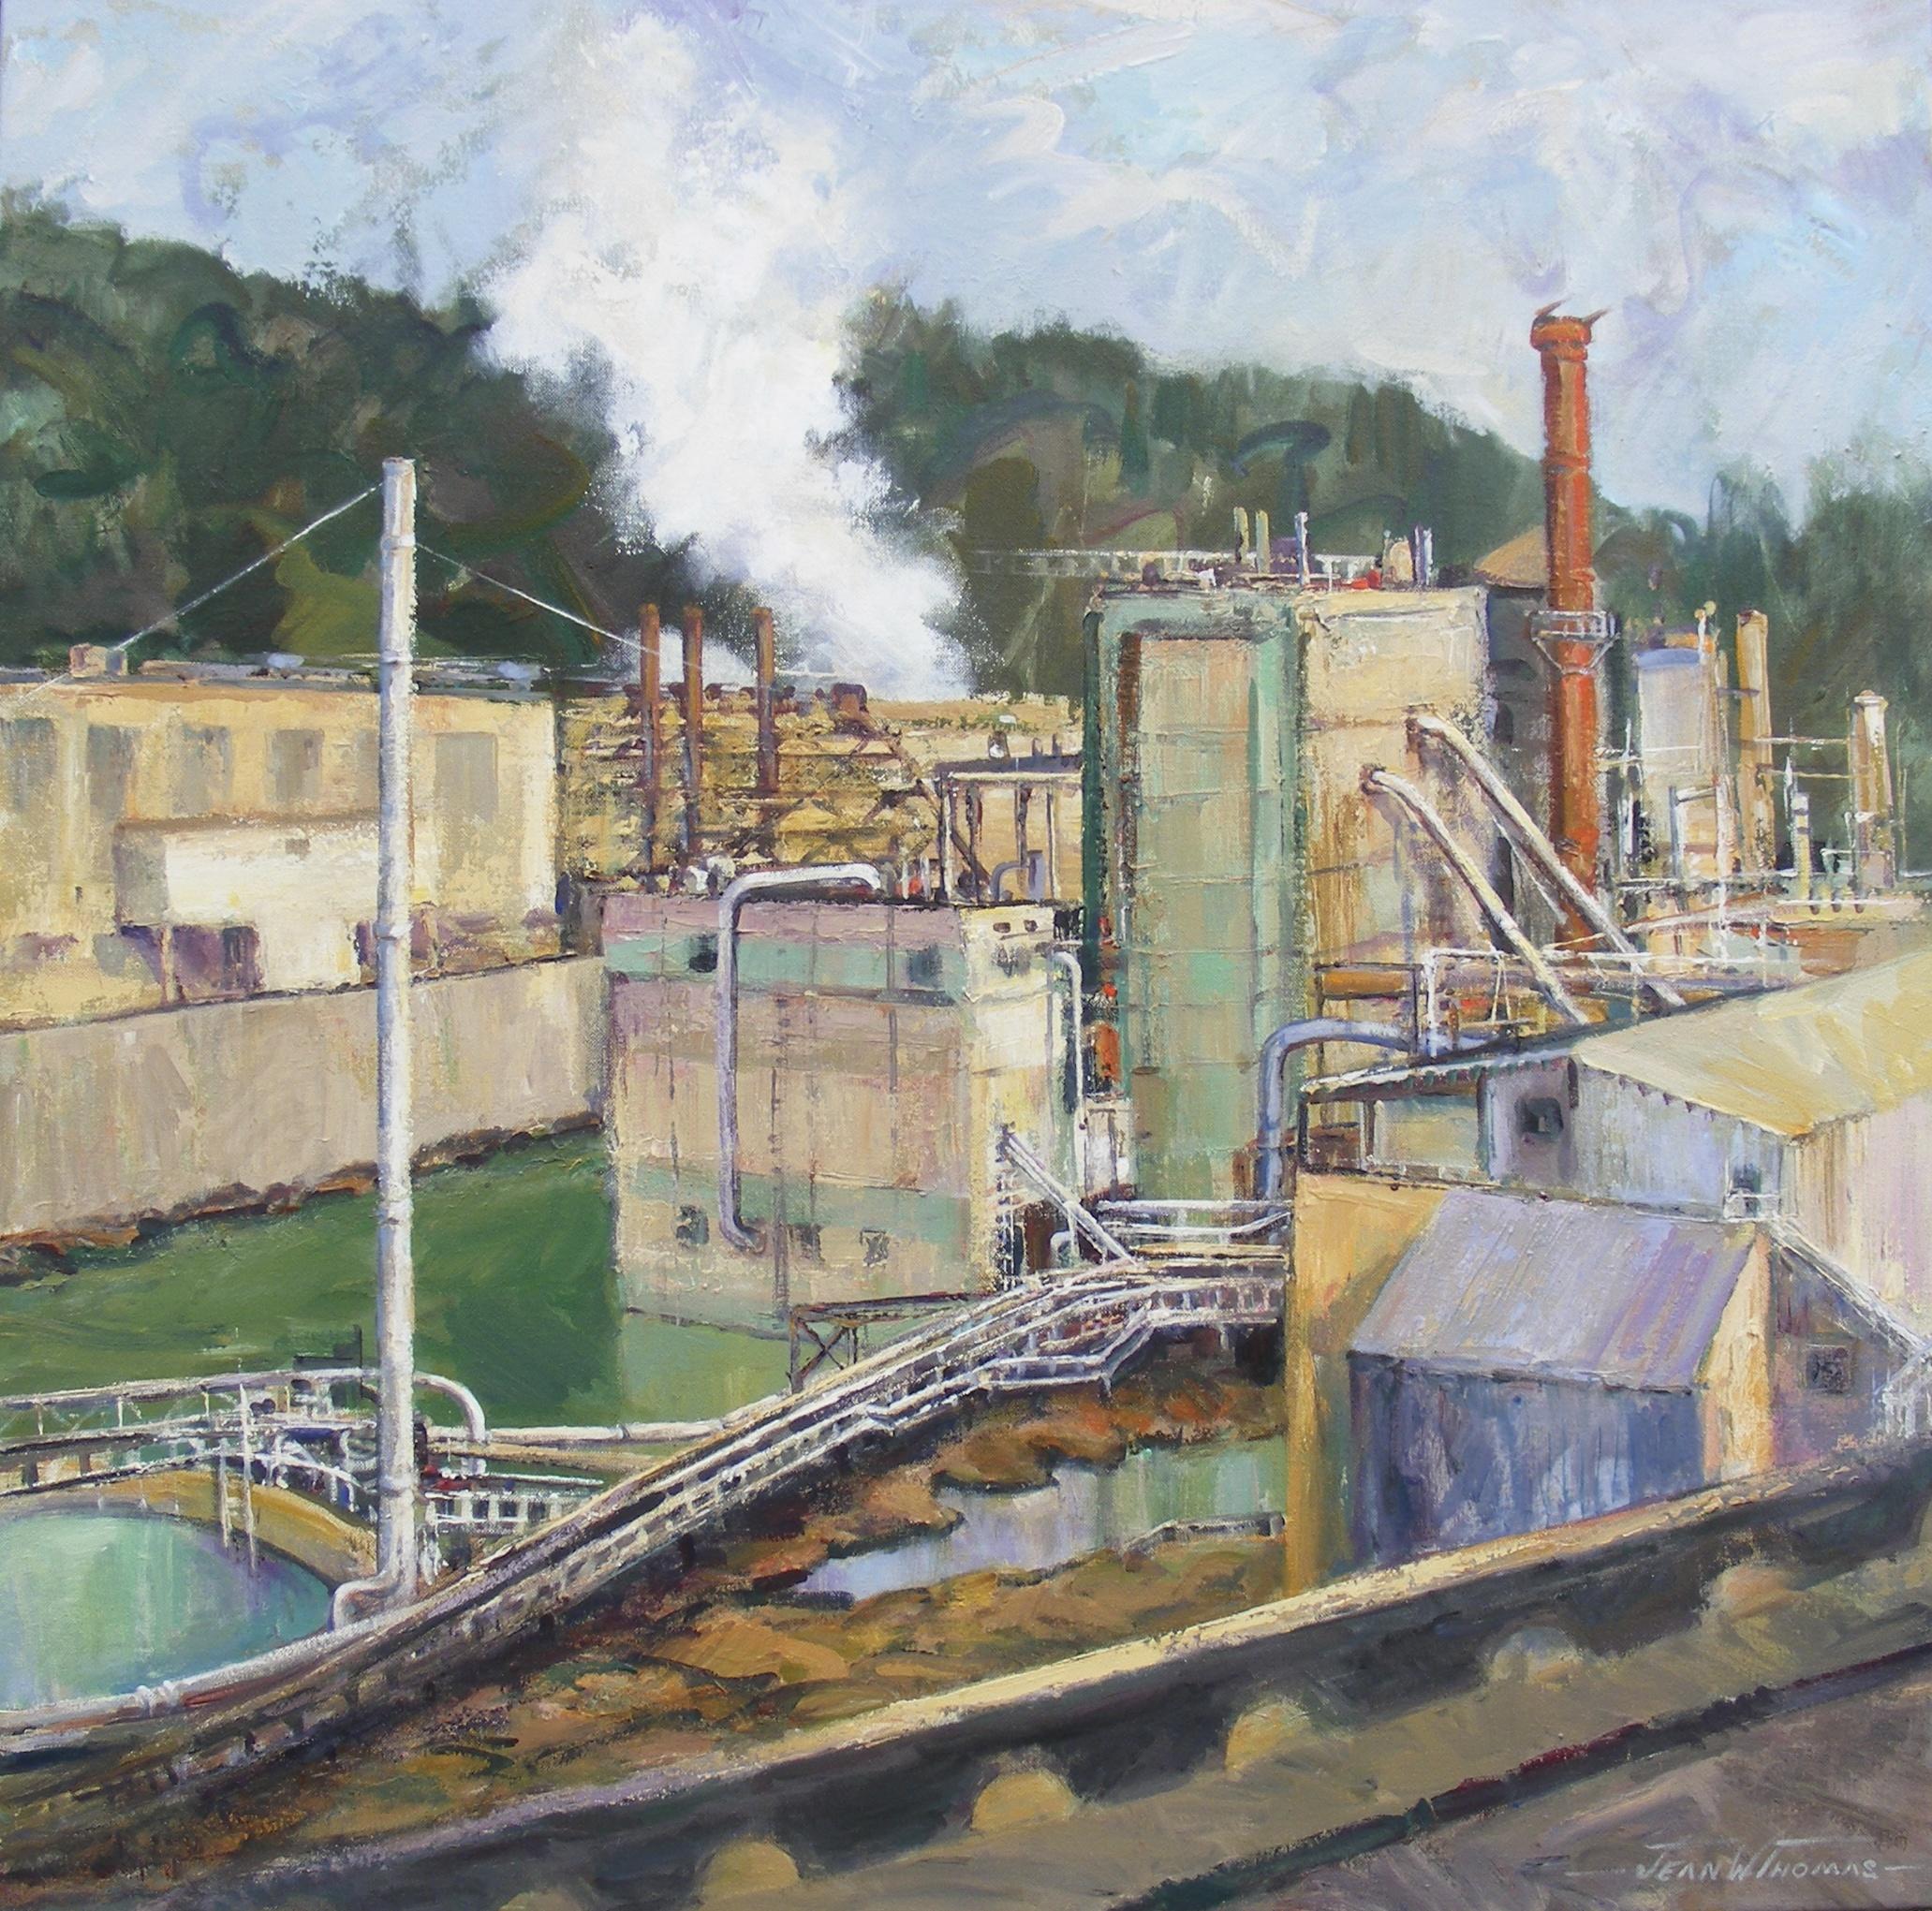 Mill Maze - Jean Thomas